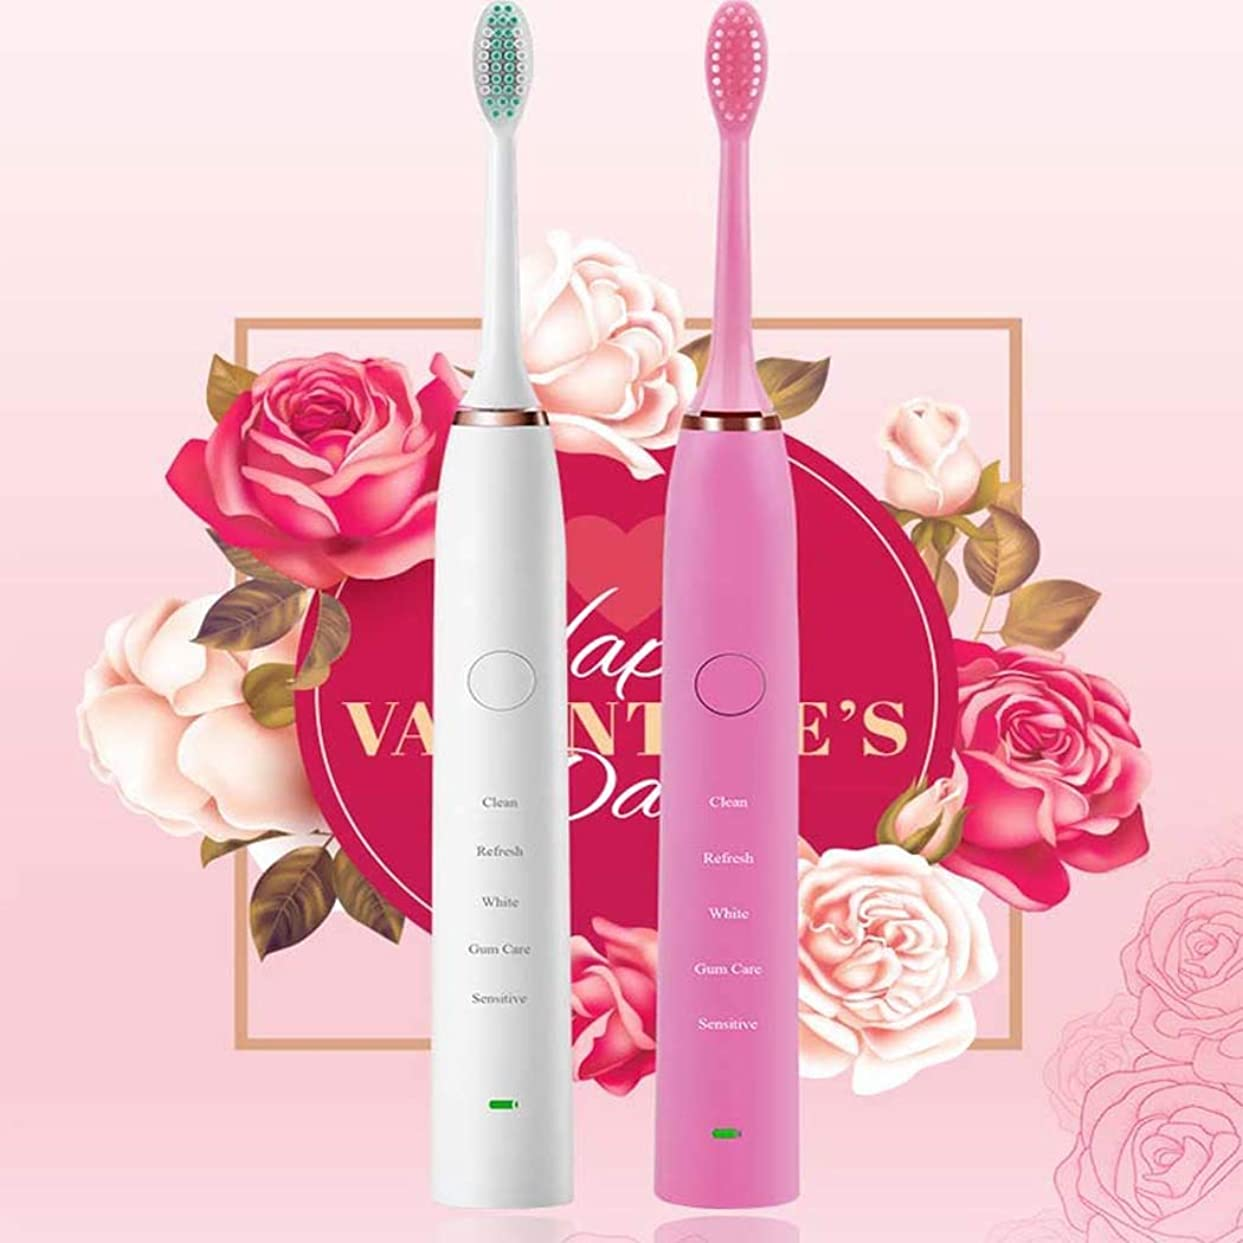 一定着替える支払う電動歯ブラシ、ミュート防水電動歯ブラシ、恋人自動歯ブラシ充電式、インテリジェントタイミング、USB充電方法